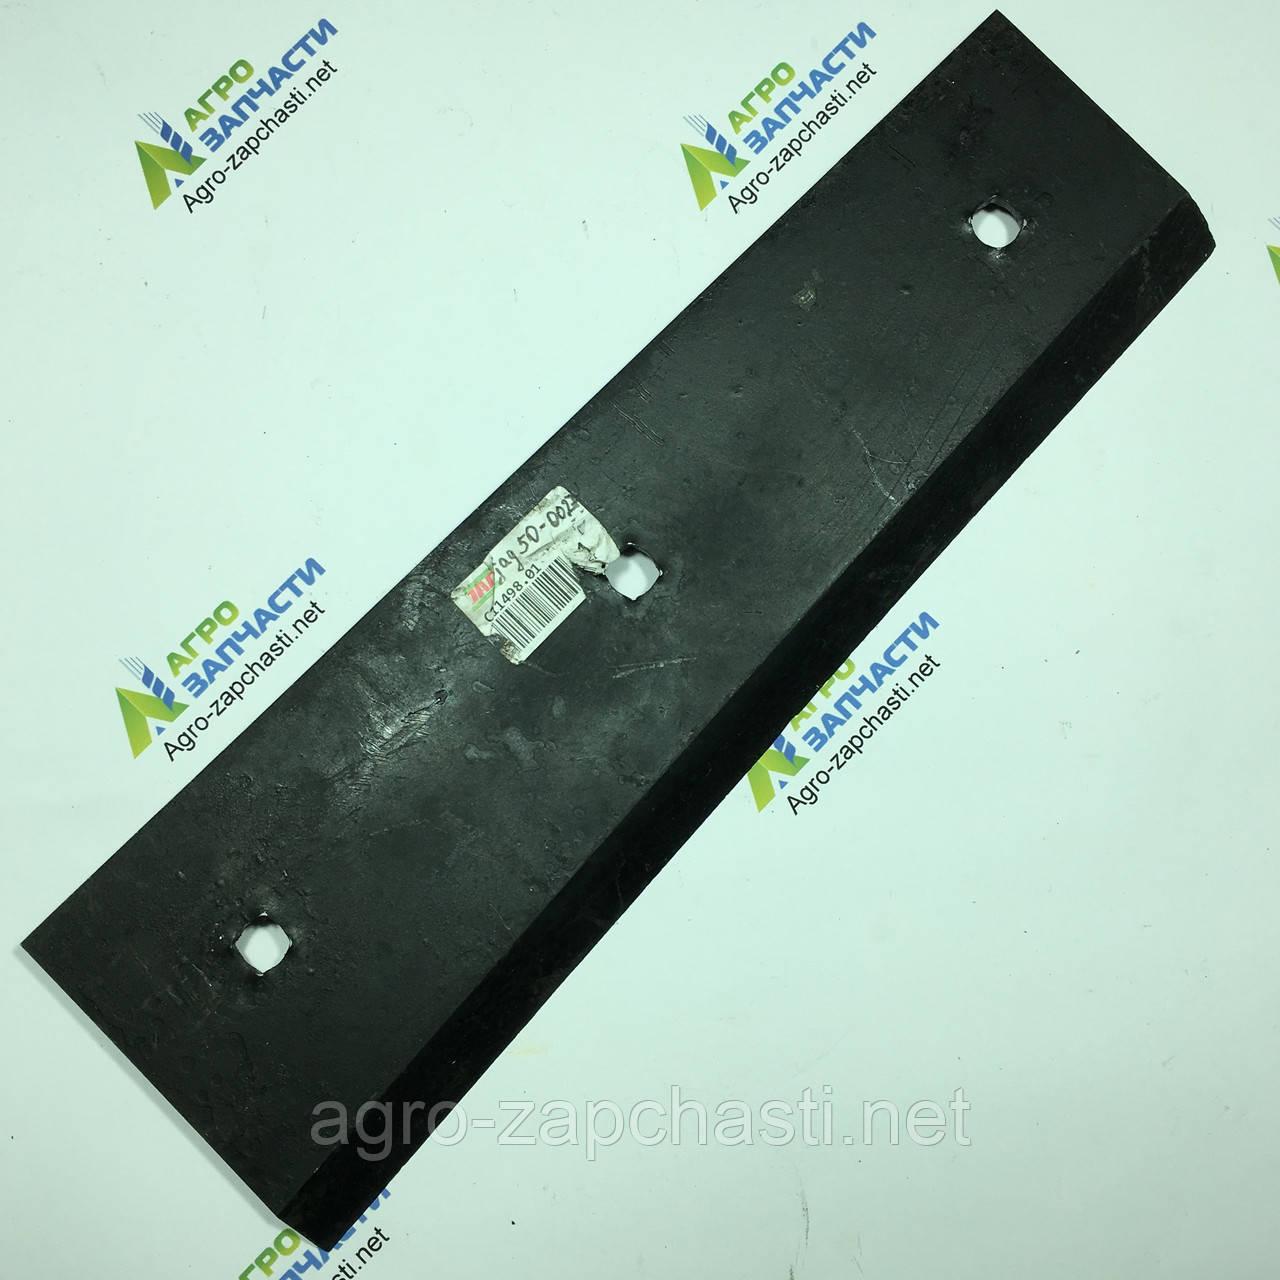 Нож поршня пресс-подборщика John Deere 219, 221, СВ 300 - подвижный 337мм.